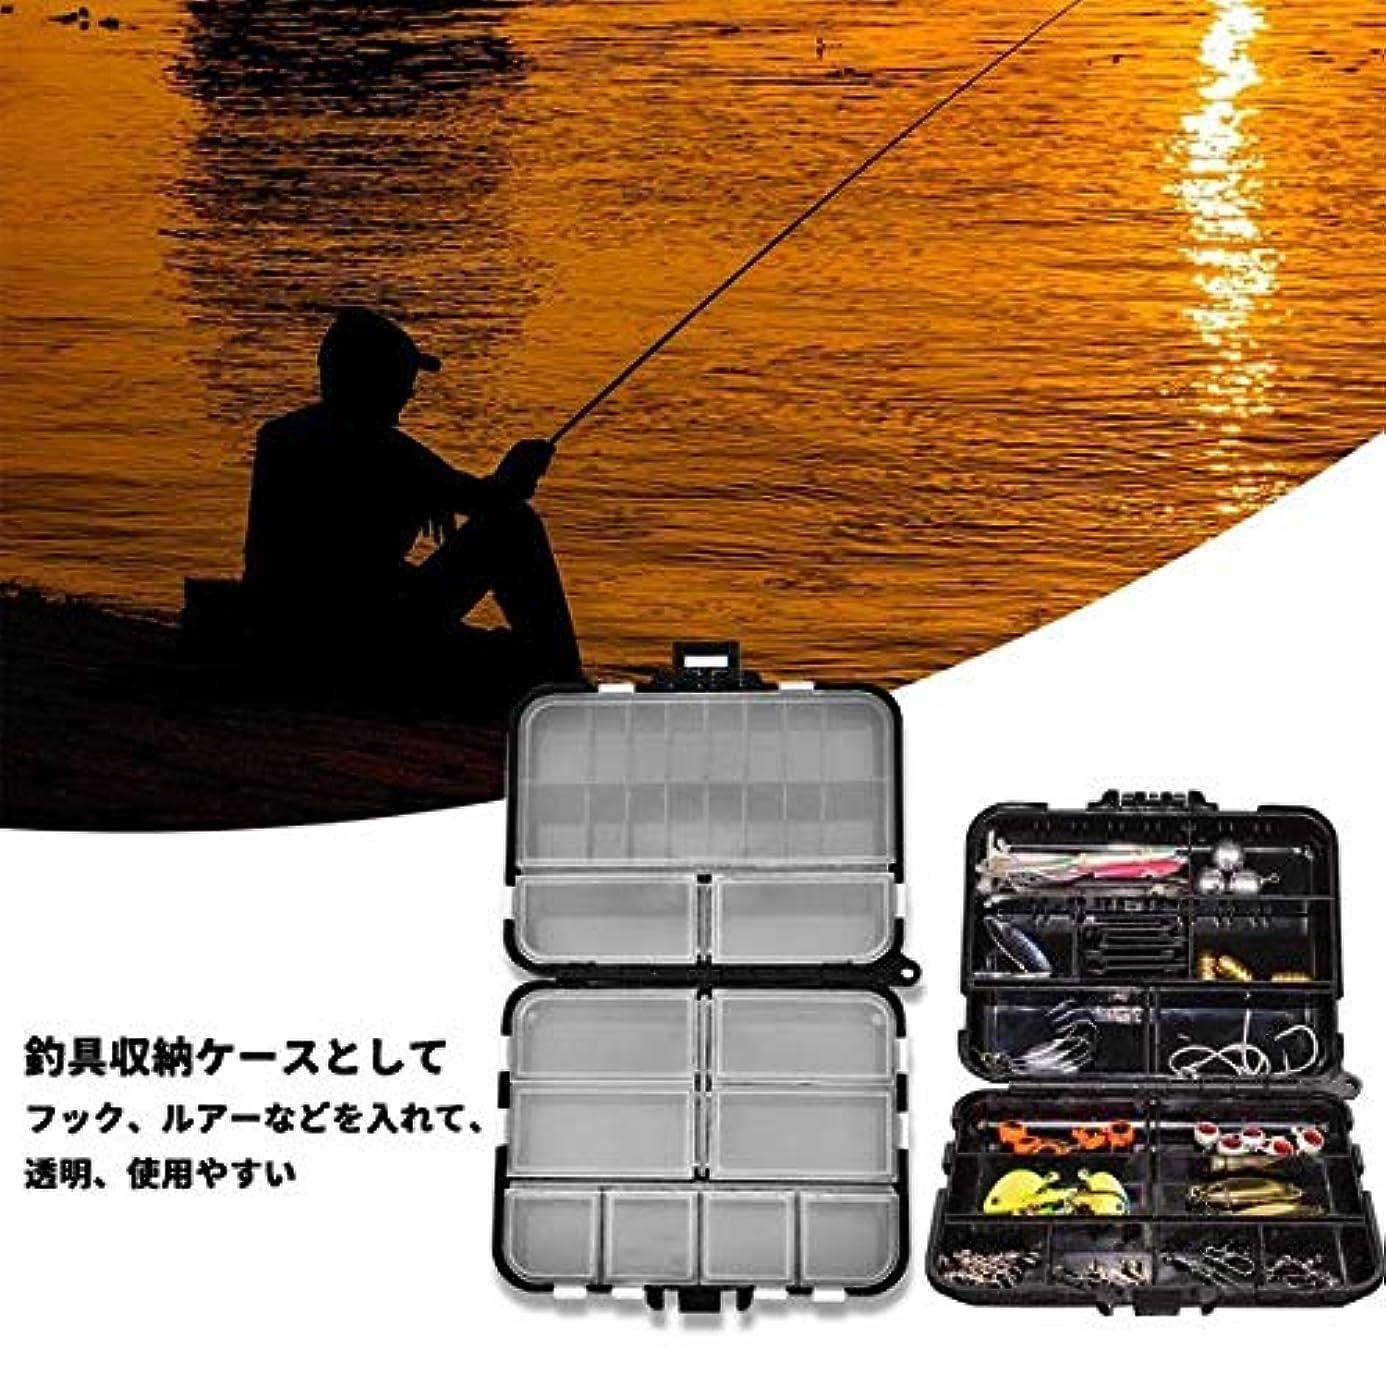 サイズ実り多い割れ目釣り タックルボックス 釣具収納 ルアーケース ポータブル 仕掛け小物入れ 個々のコンパートメント 持ち運び易い 釣り道具 ボックス 釣りの